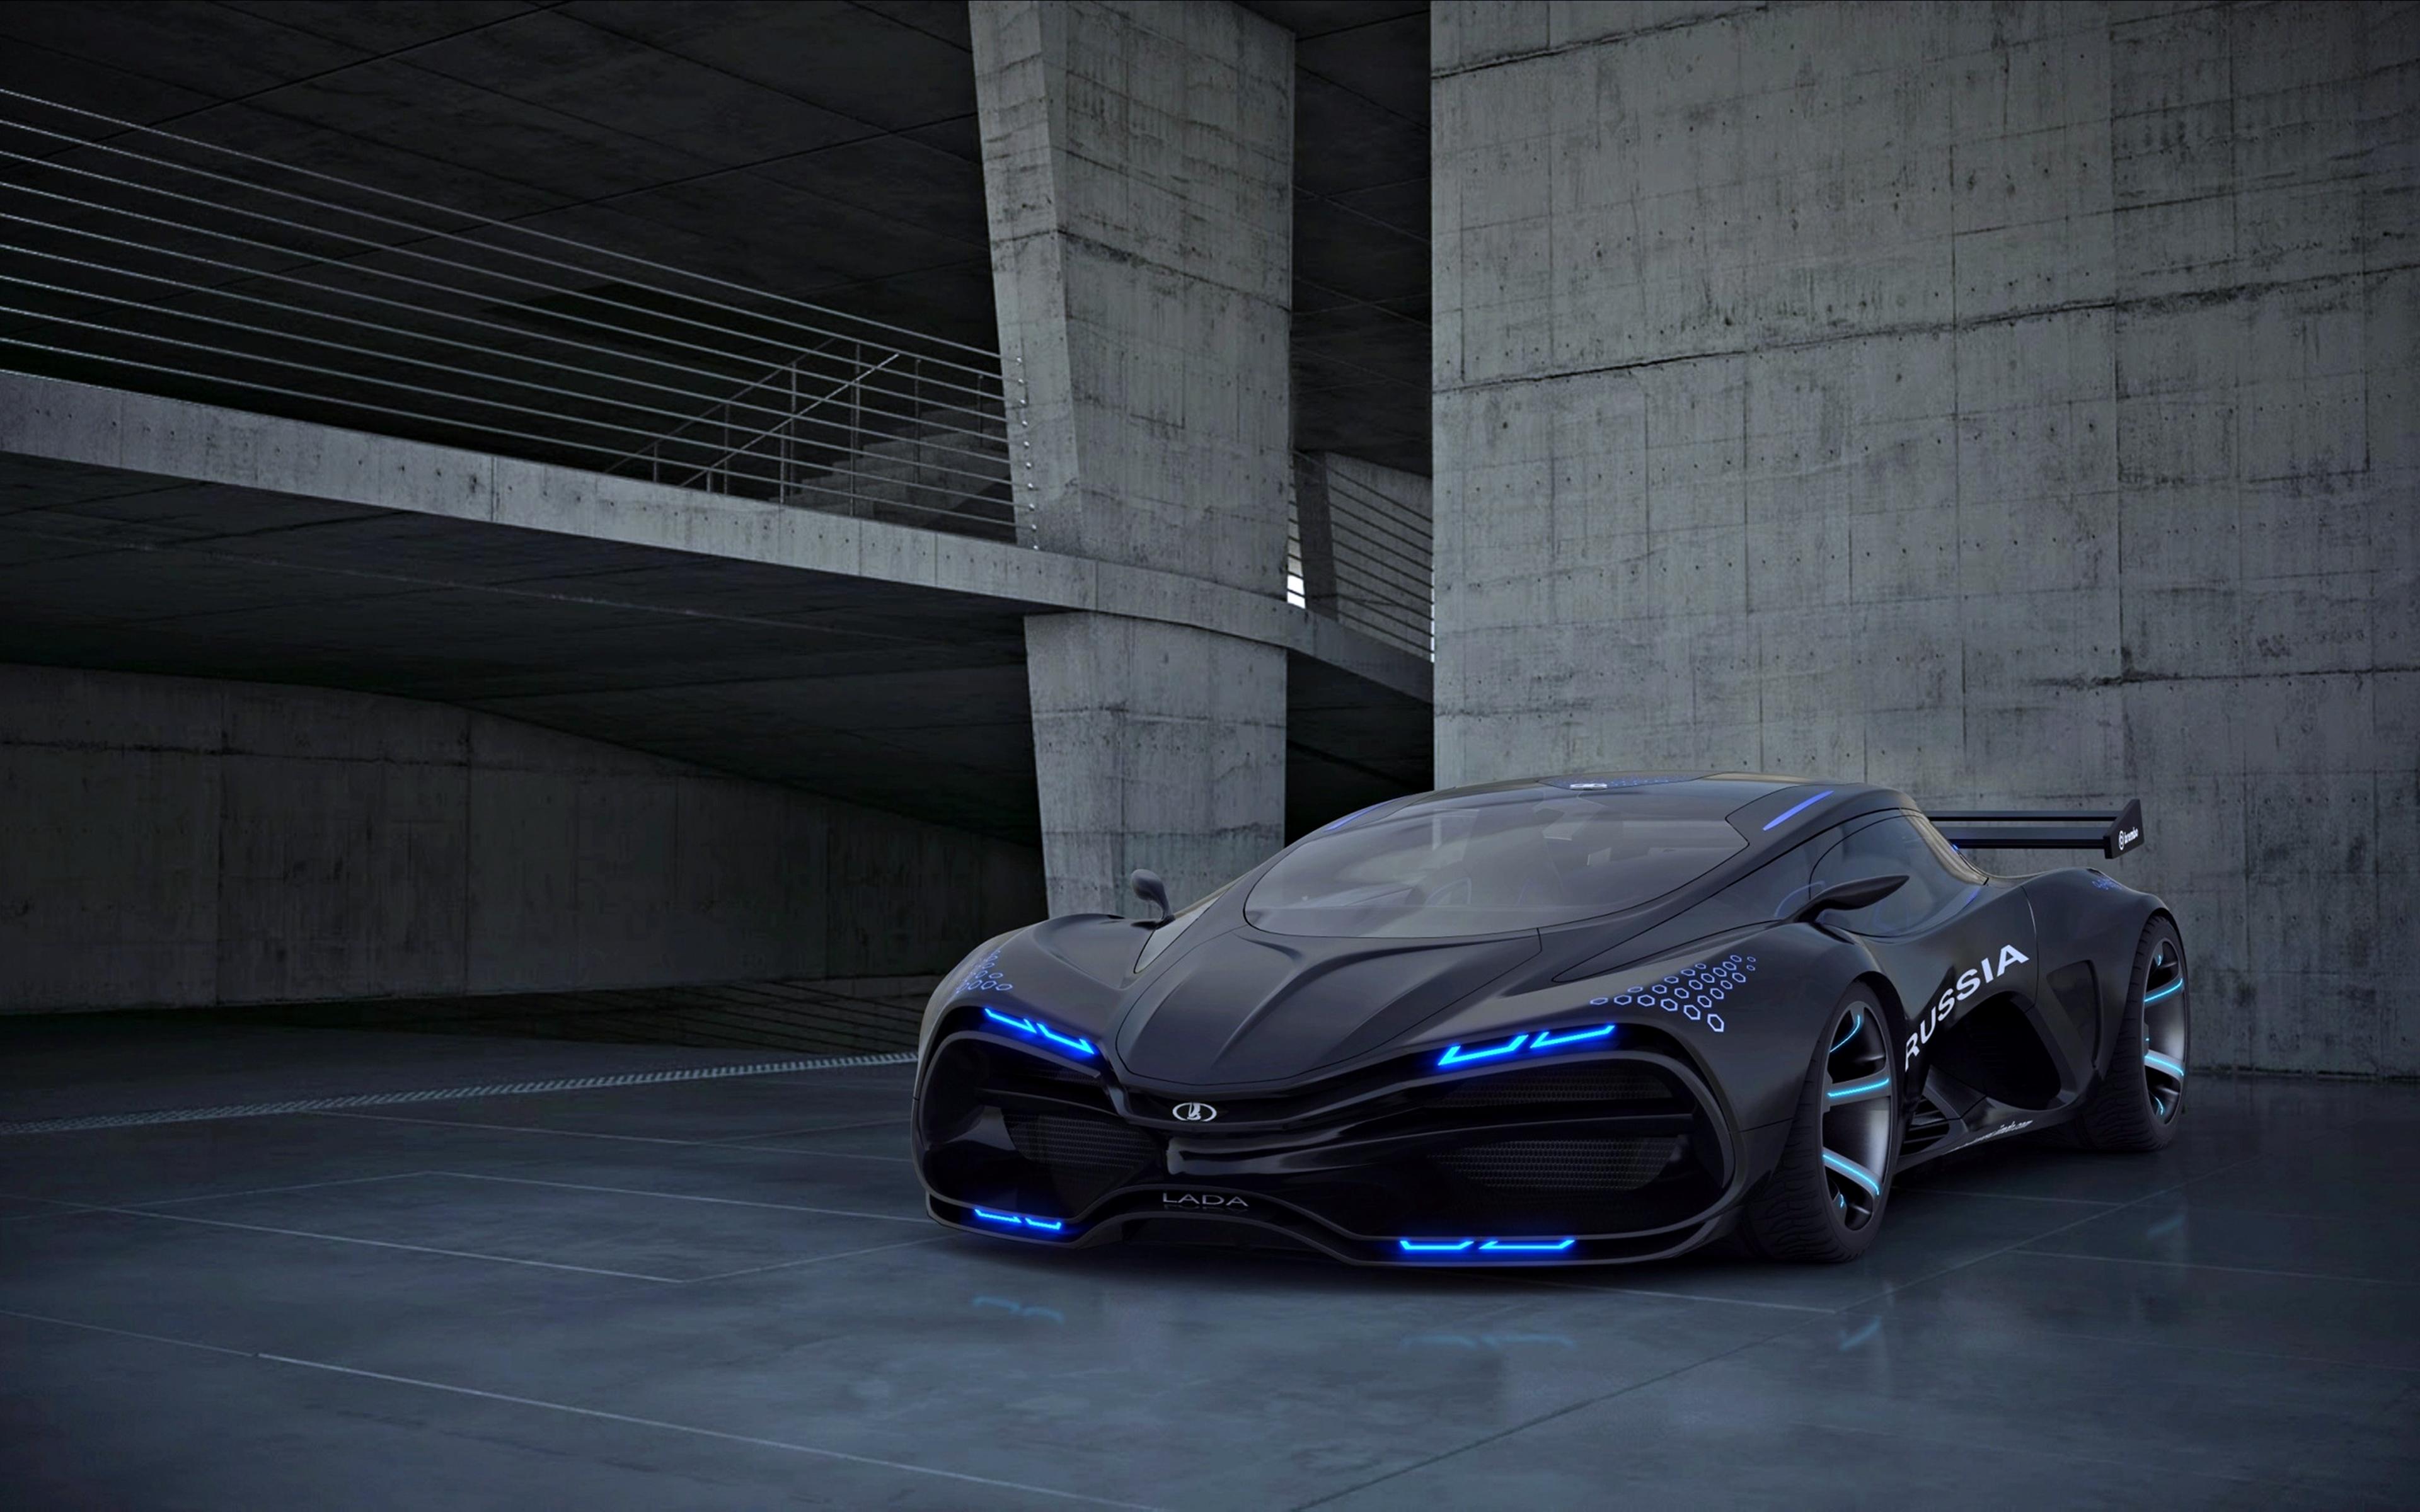 Lada Raven Concept Cars 4K 2019 2020 4k 5K Car